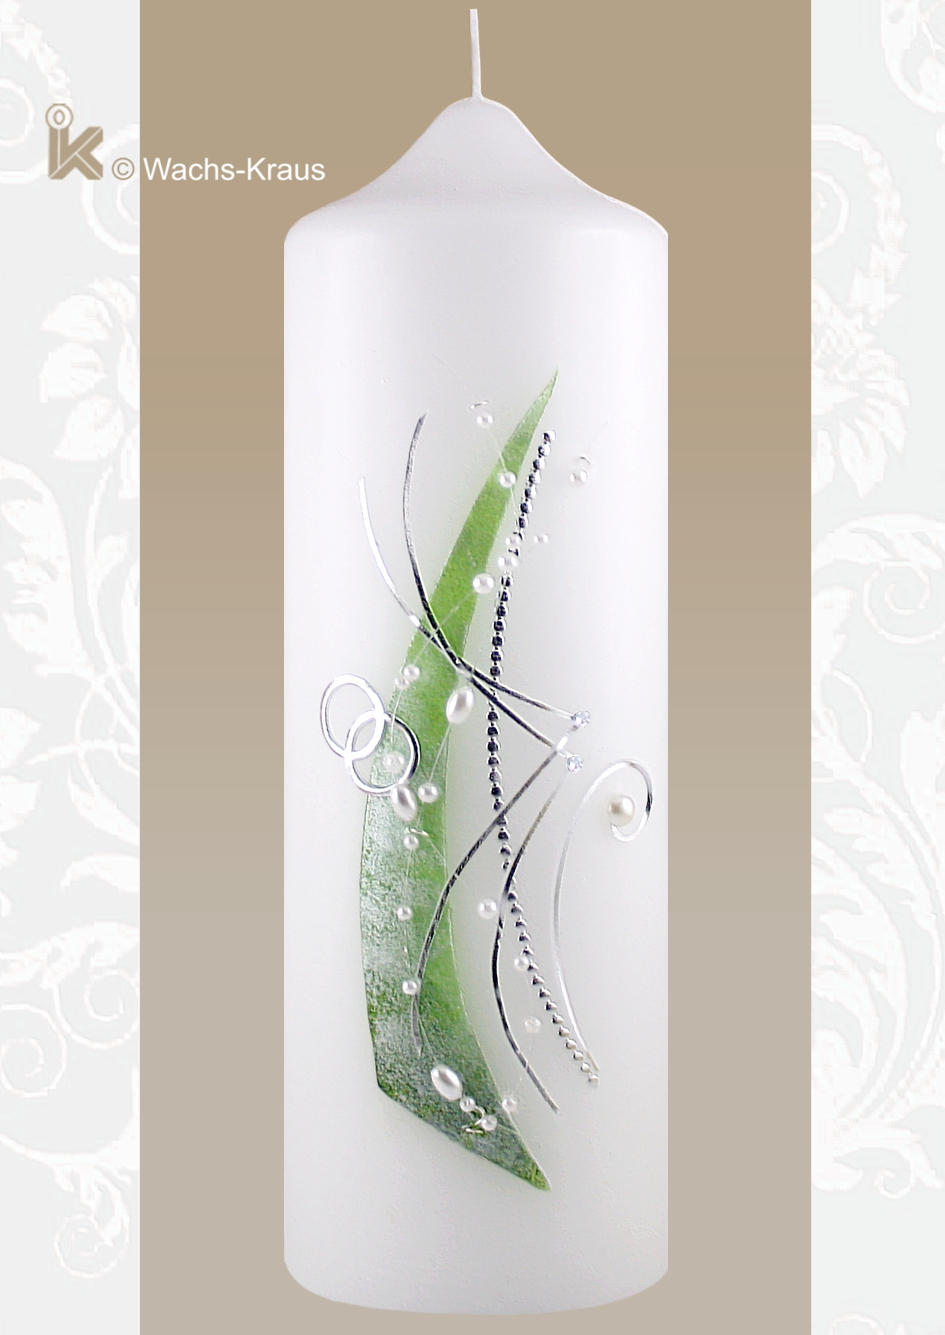 Diese Hochzeitskerze gefällt durch ihr außergewöhnliches Farbspiel, Perlmutt-grün, Silber mit einigen Strasssteinen und weißer Perlenschnur.